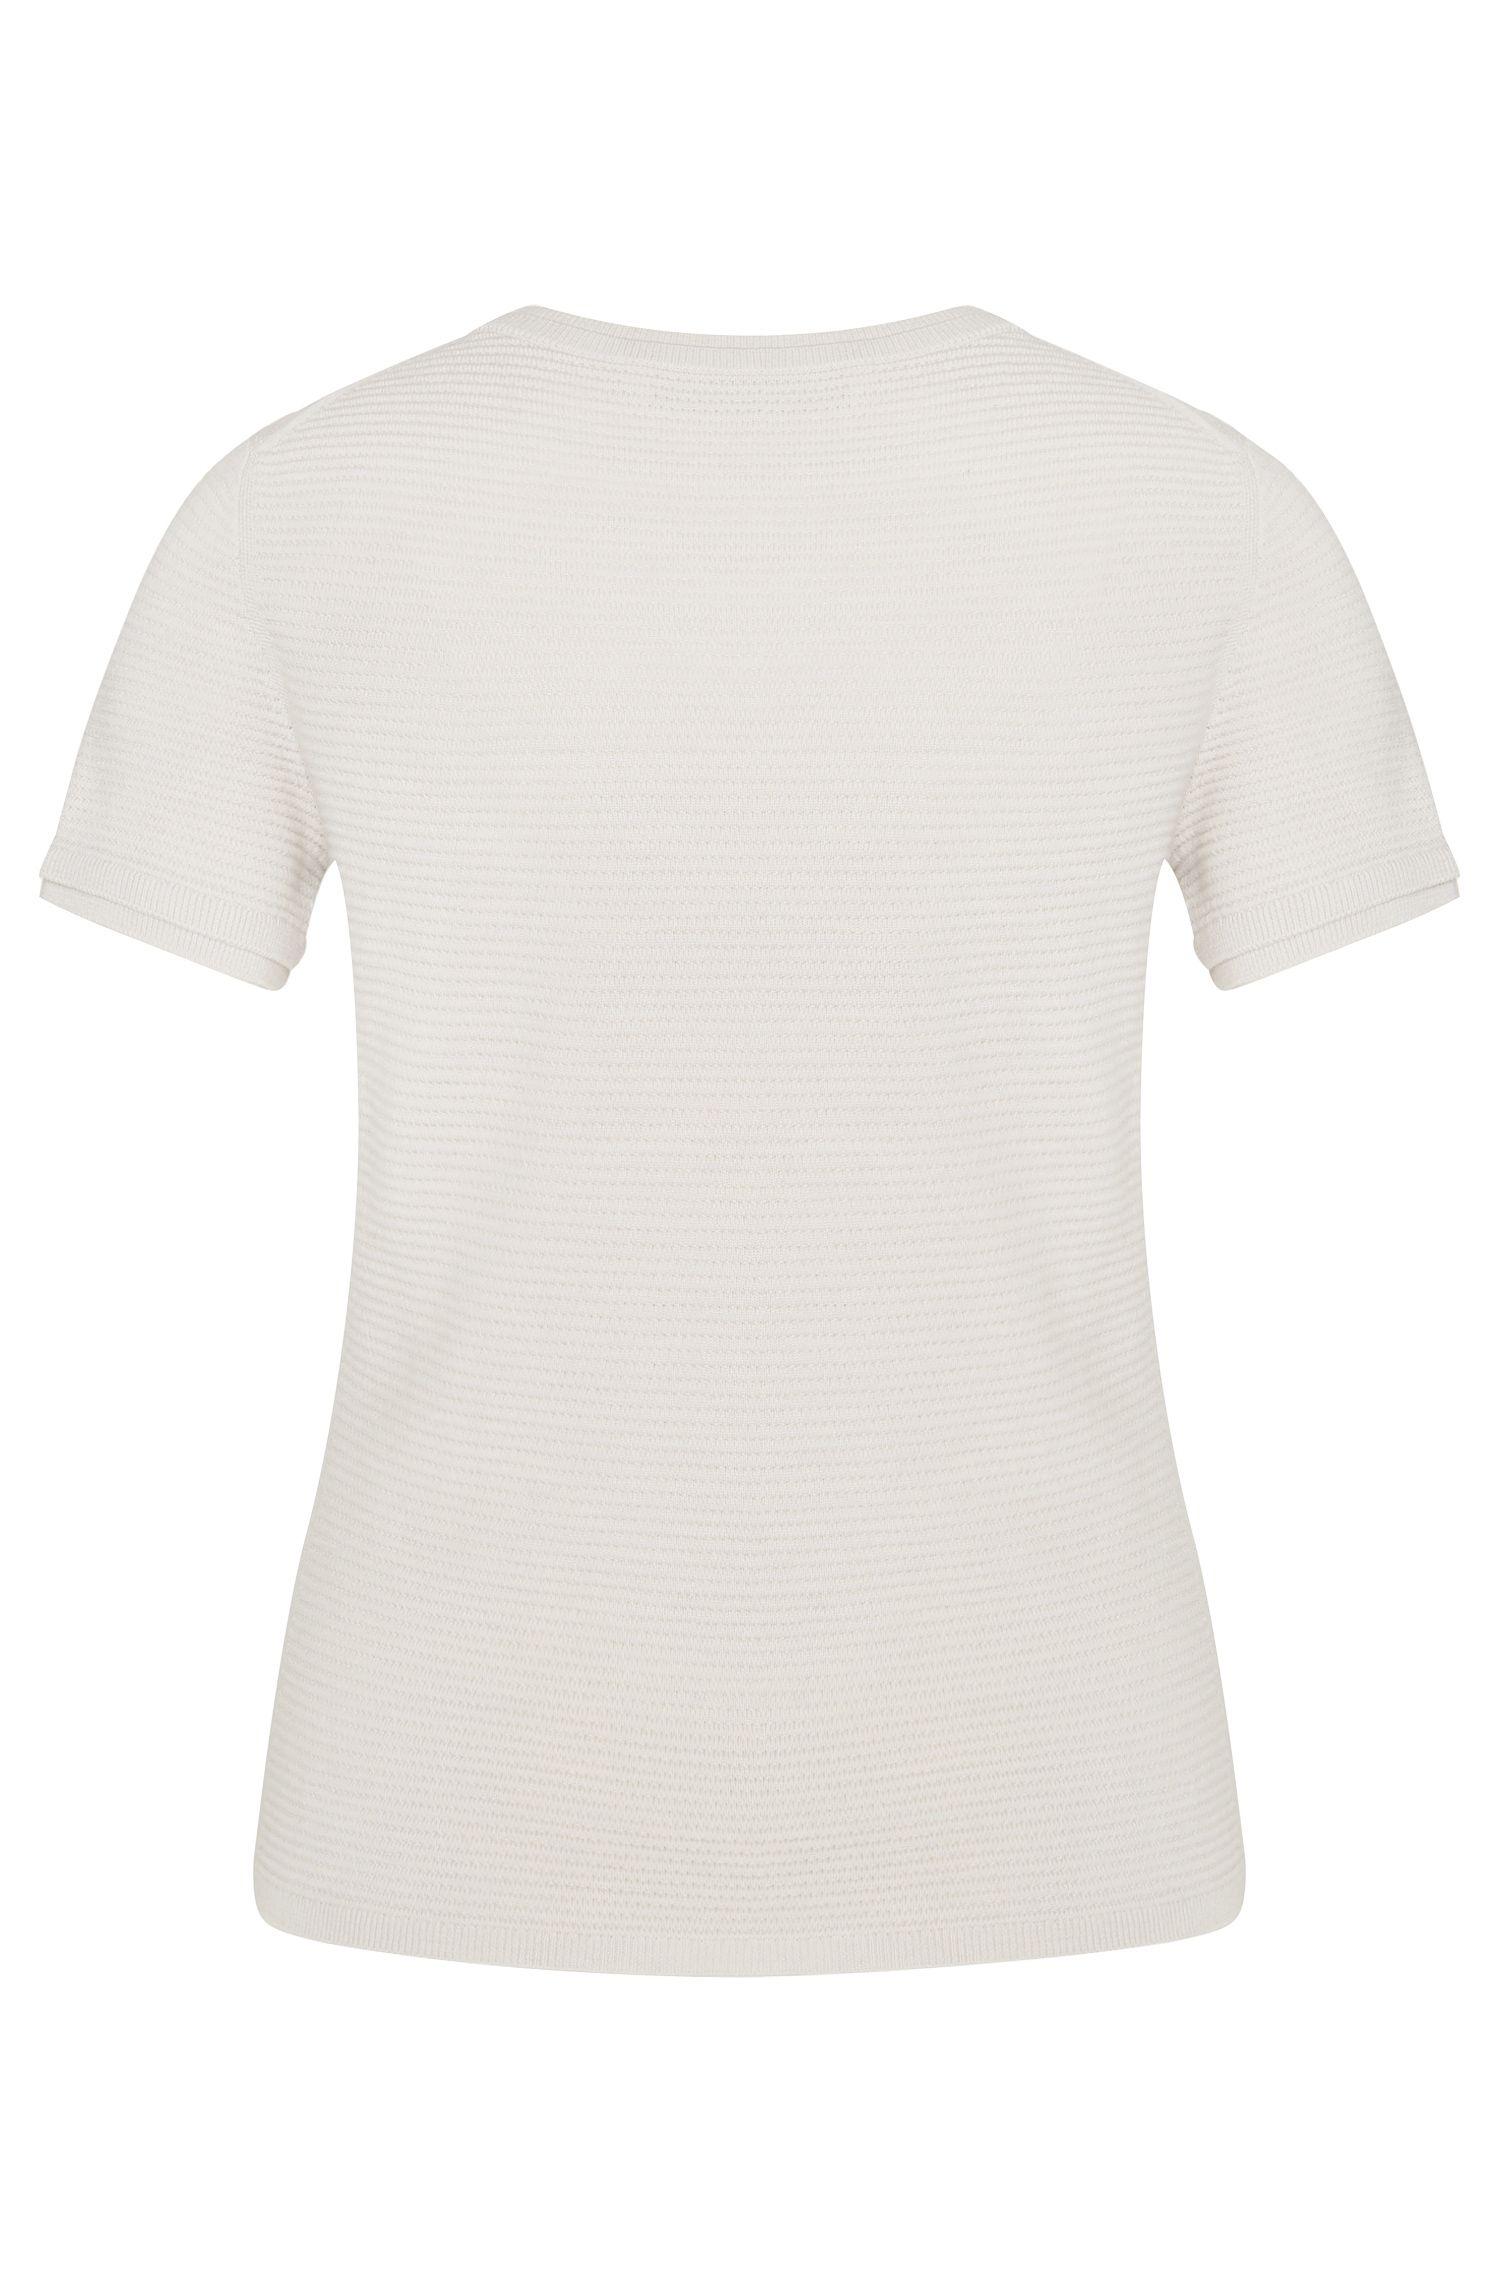 Kurzarm-Pullover aus reiner Schurwolle: 'Fadri'Pullover aus Schurwolle mit kurzen Ärmeln: 'Fadri'